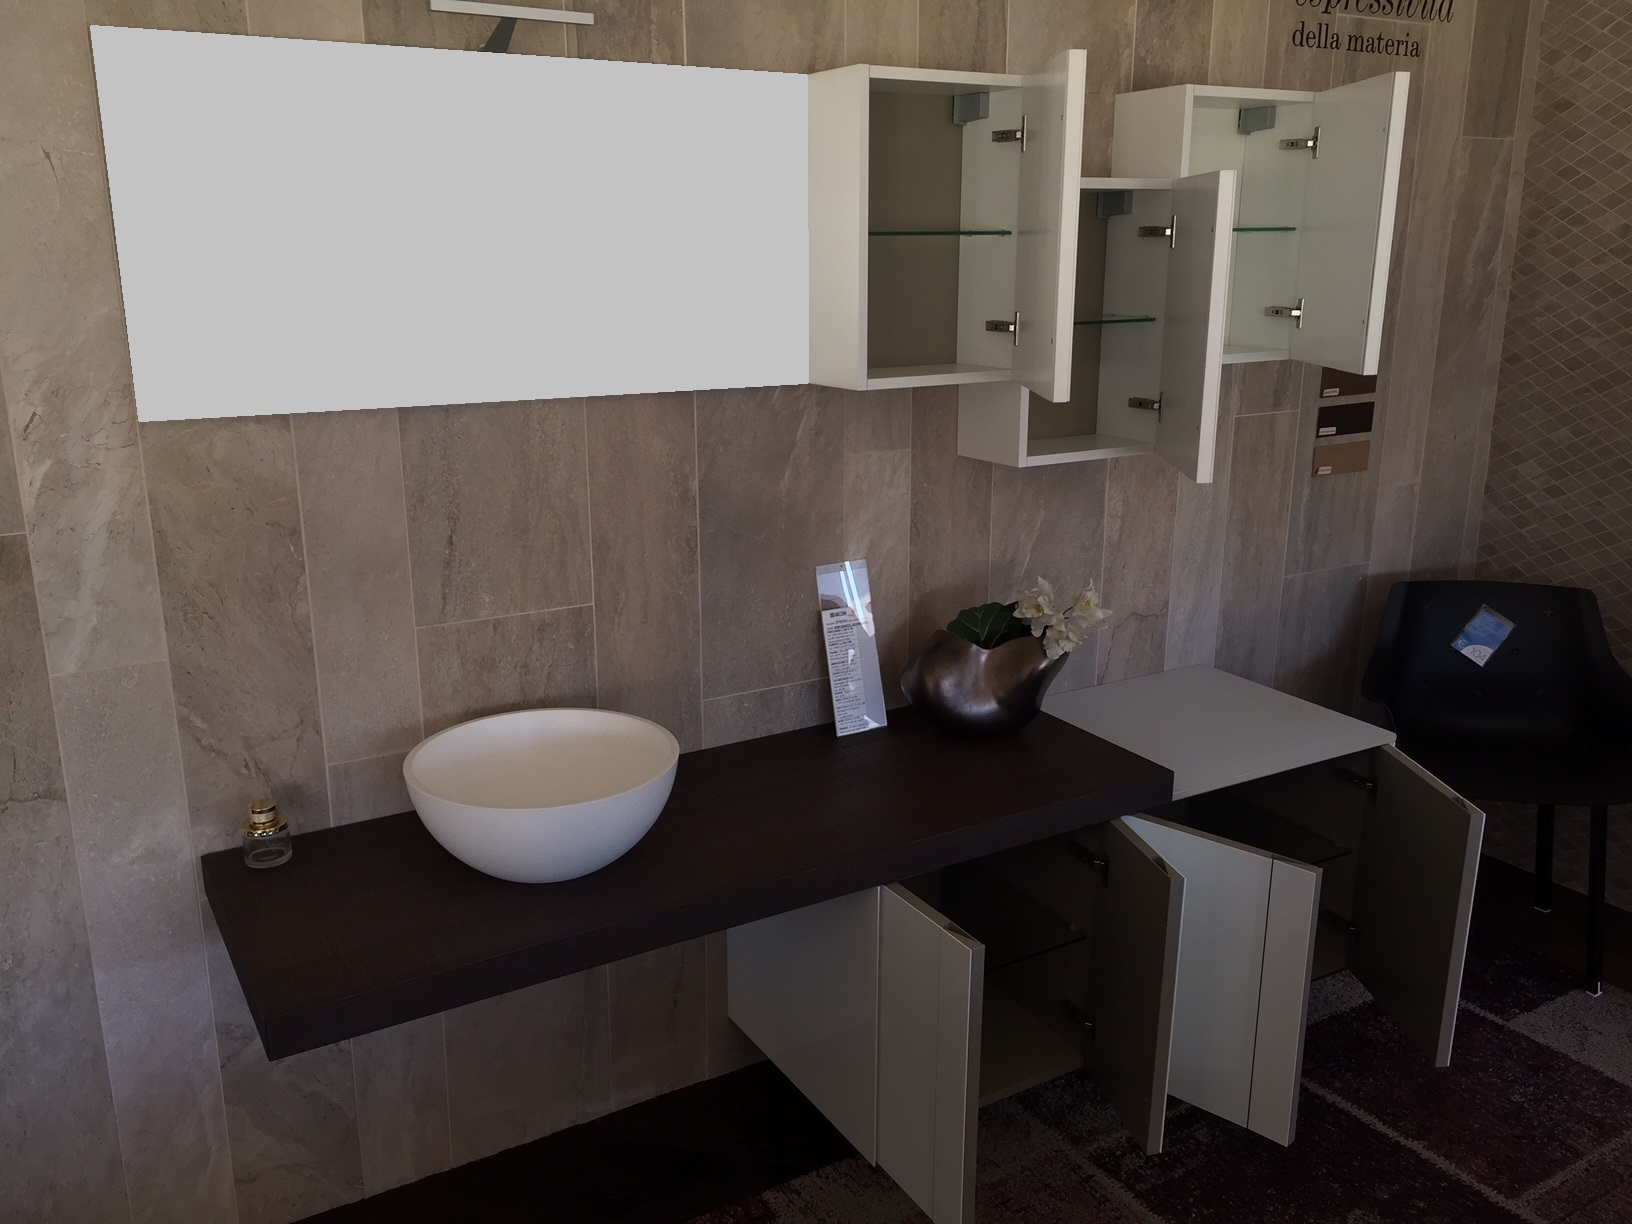 design ar spring vetro bianco e rovere moka lavabo da appoggio in resina sconto with lavabo bagno vetro